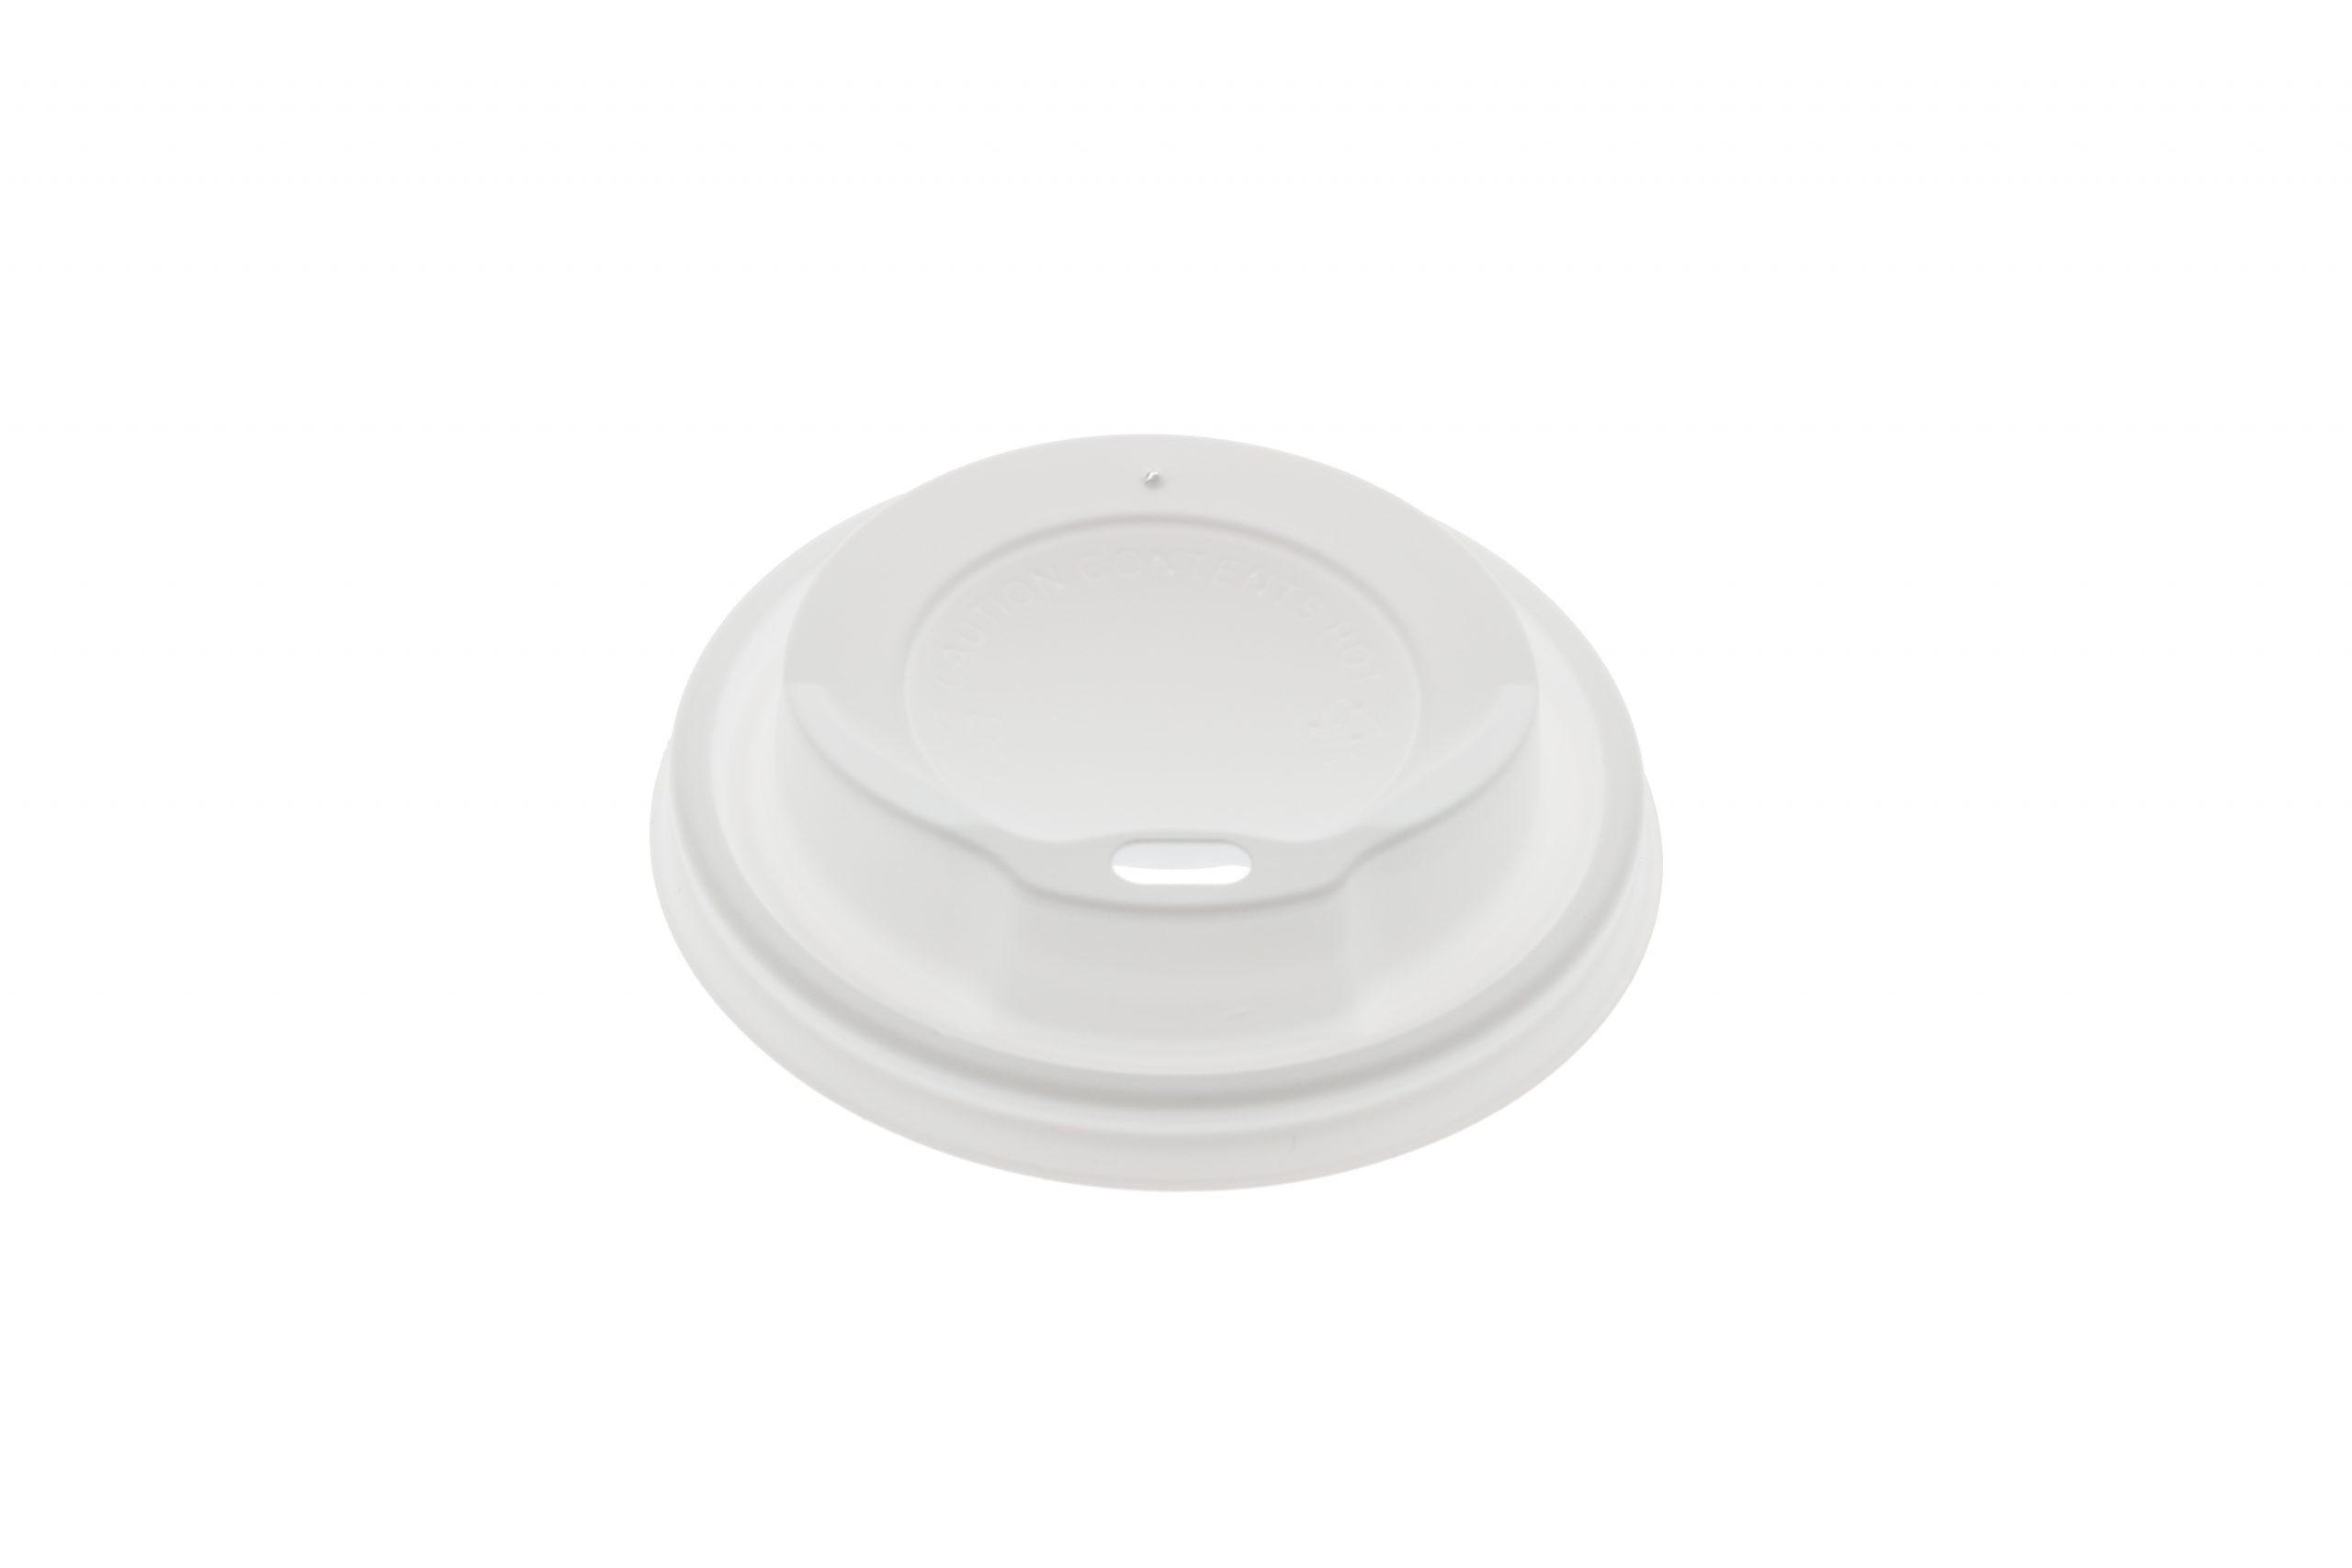 Venta de Tapa de plástico para vasos desechables